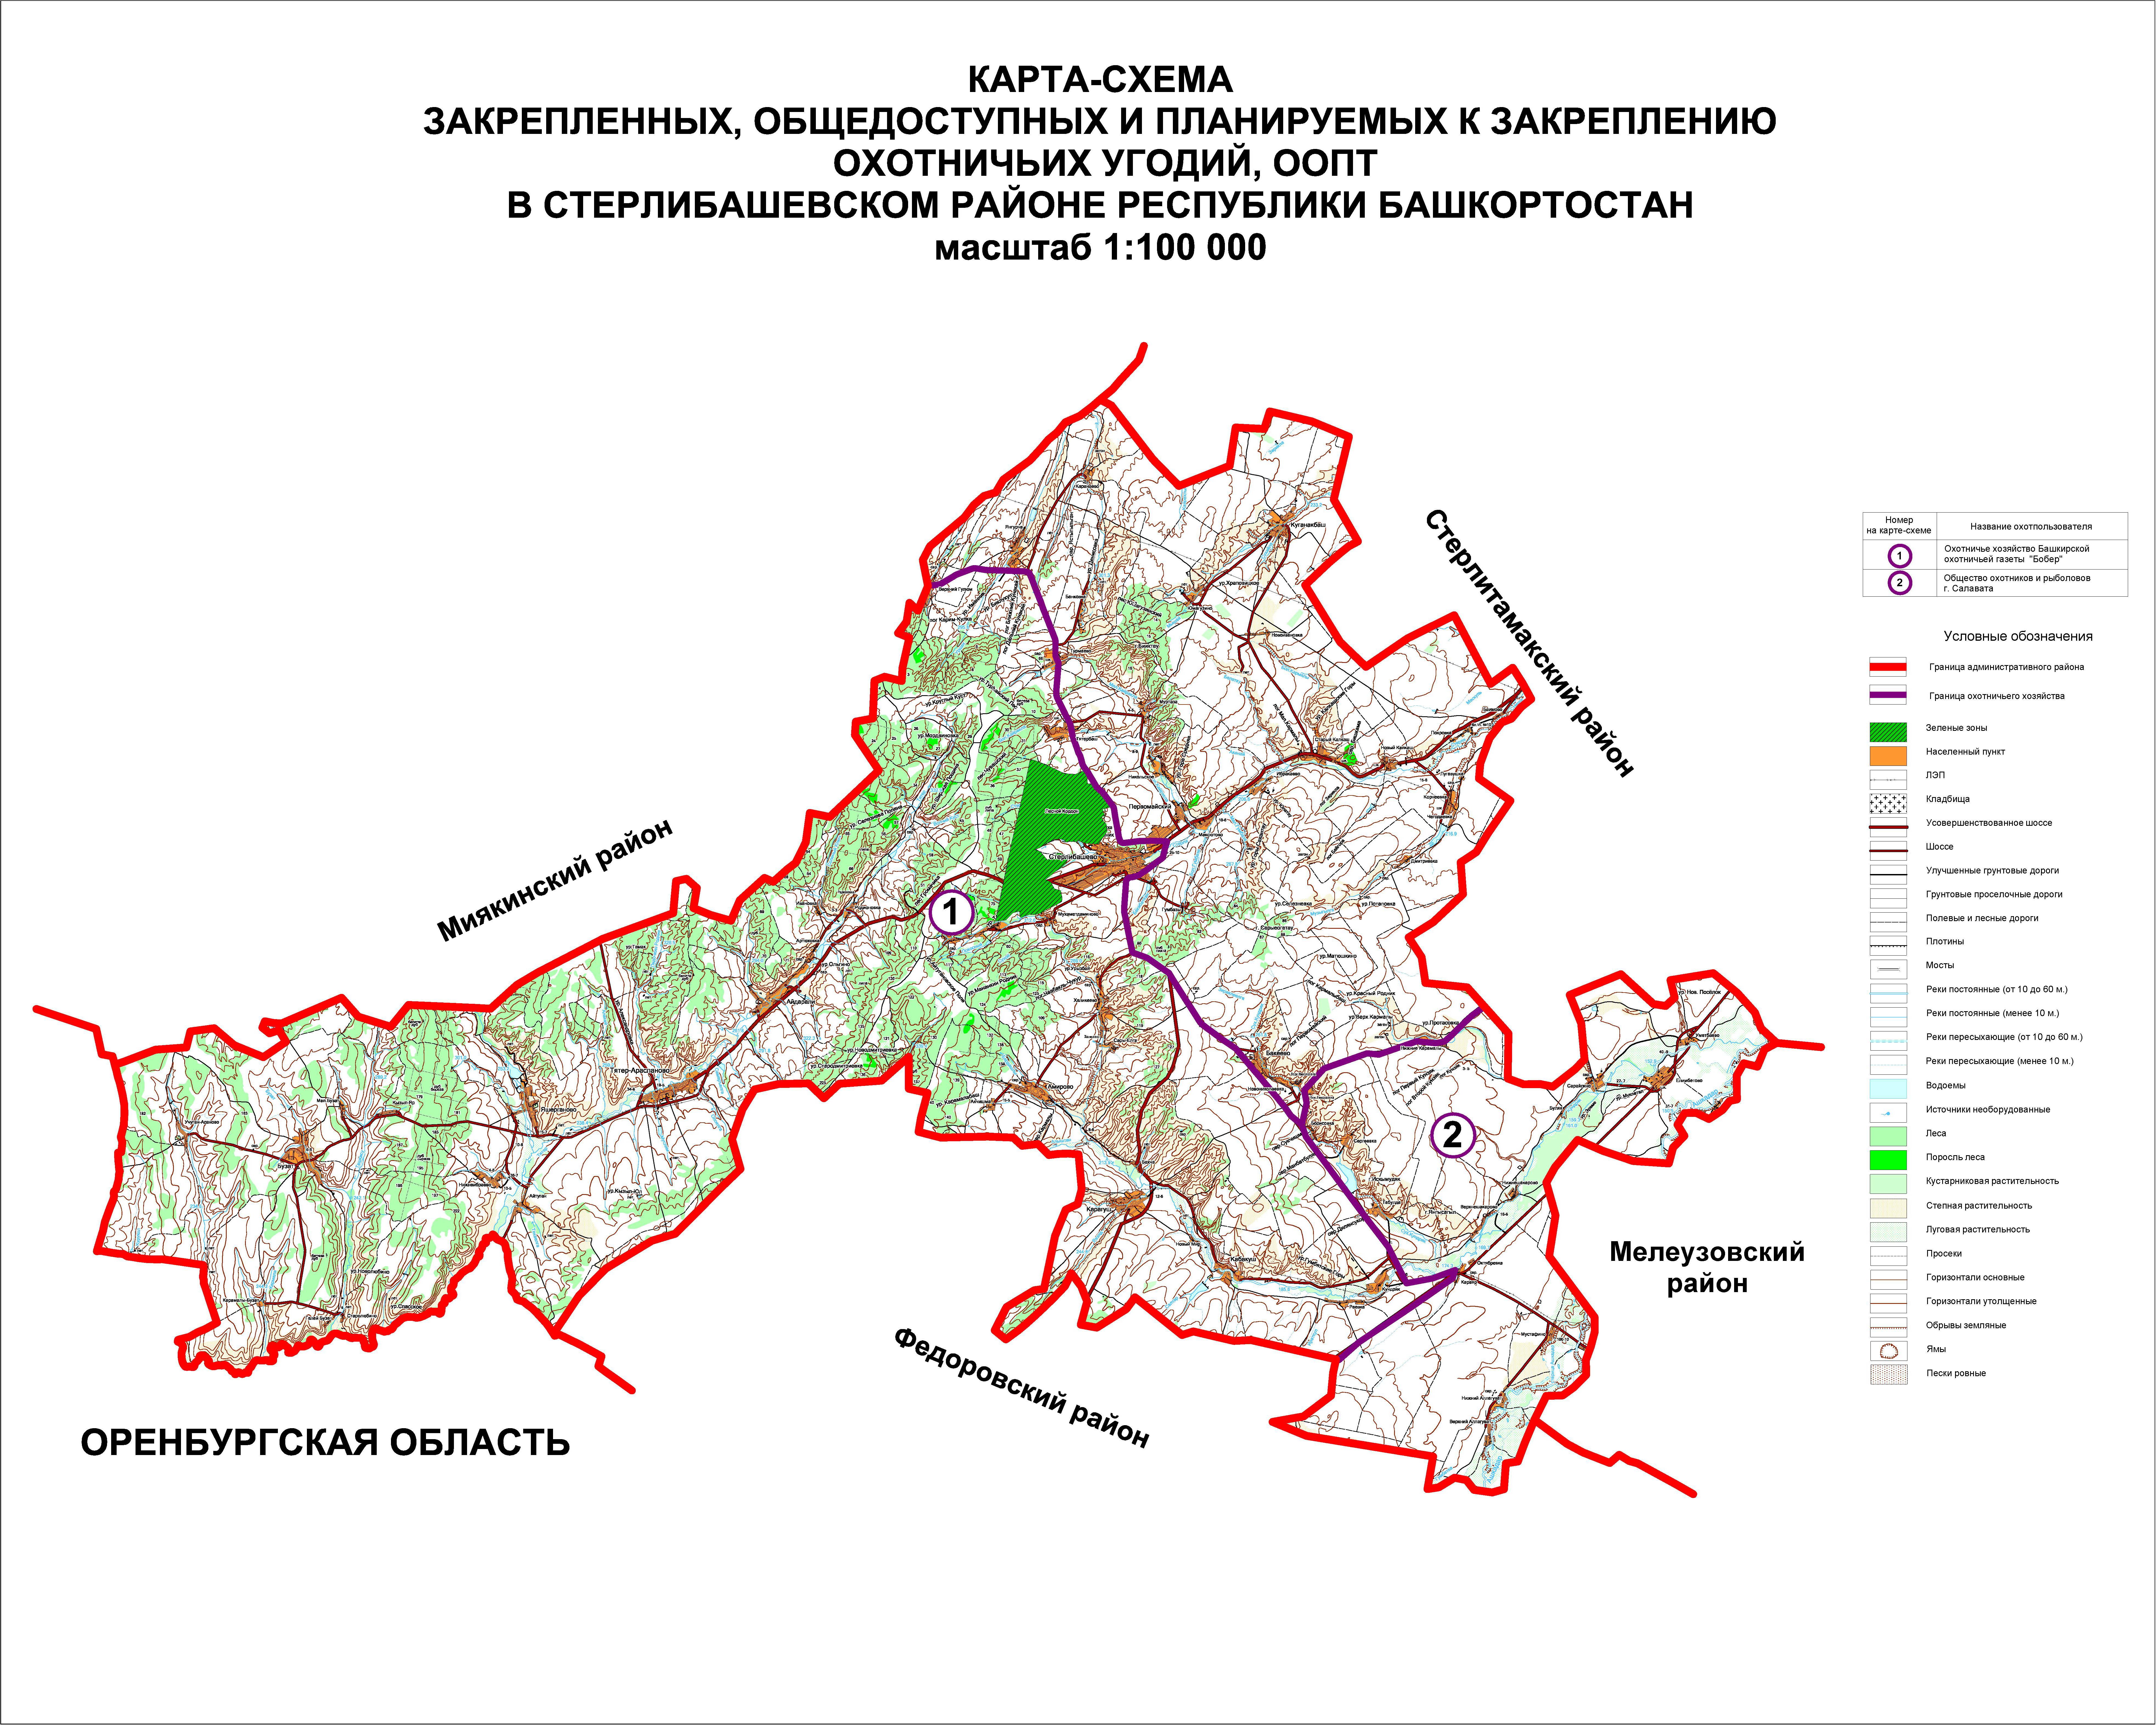 Стерлибашевский район